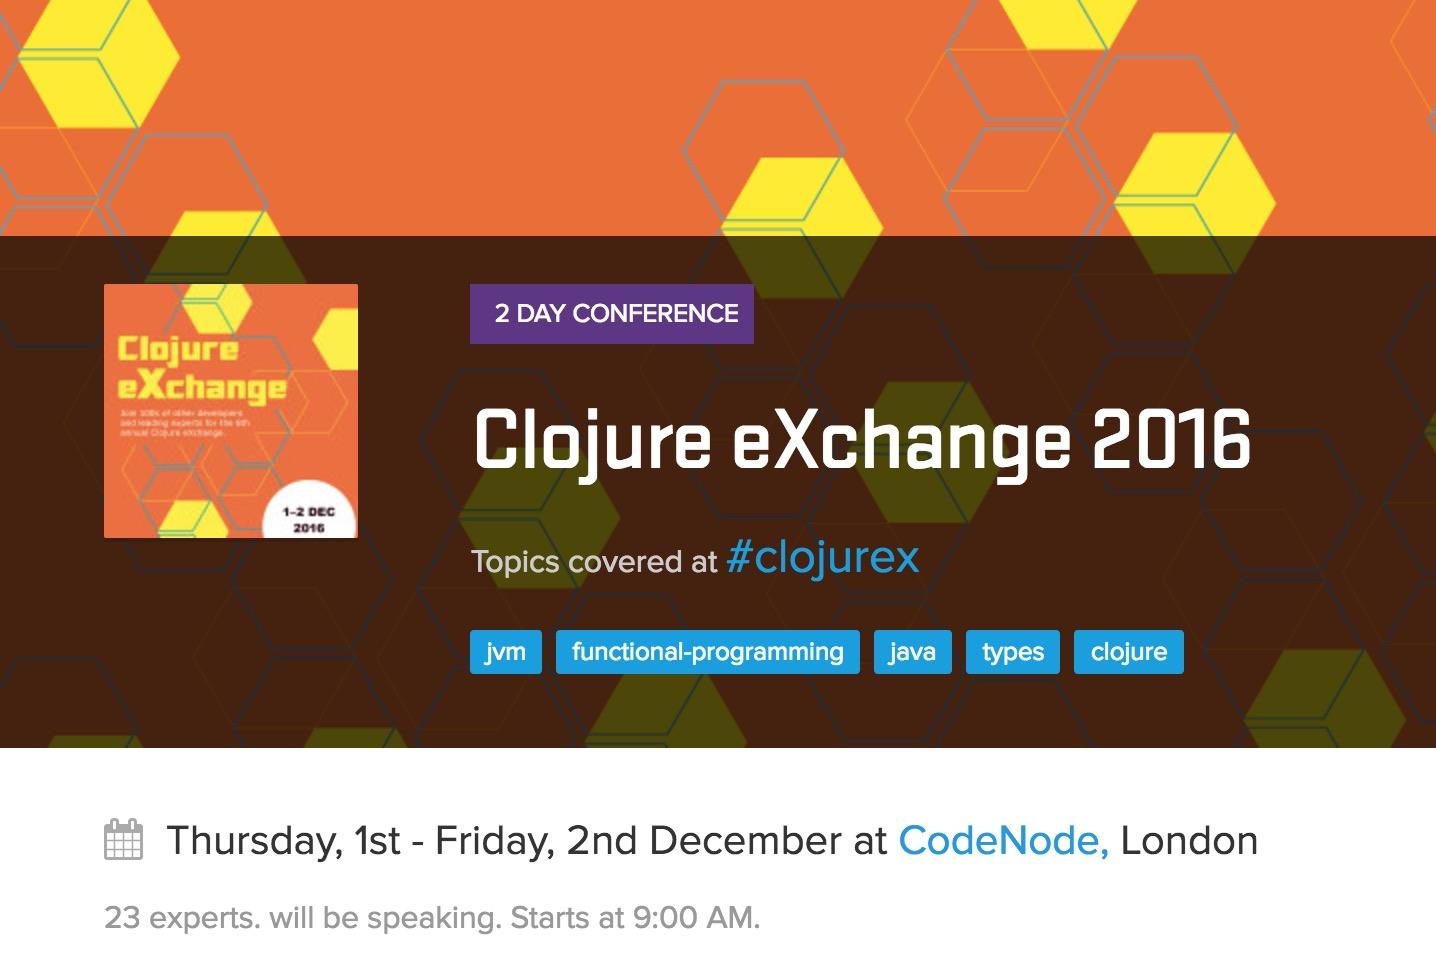 ClojureX